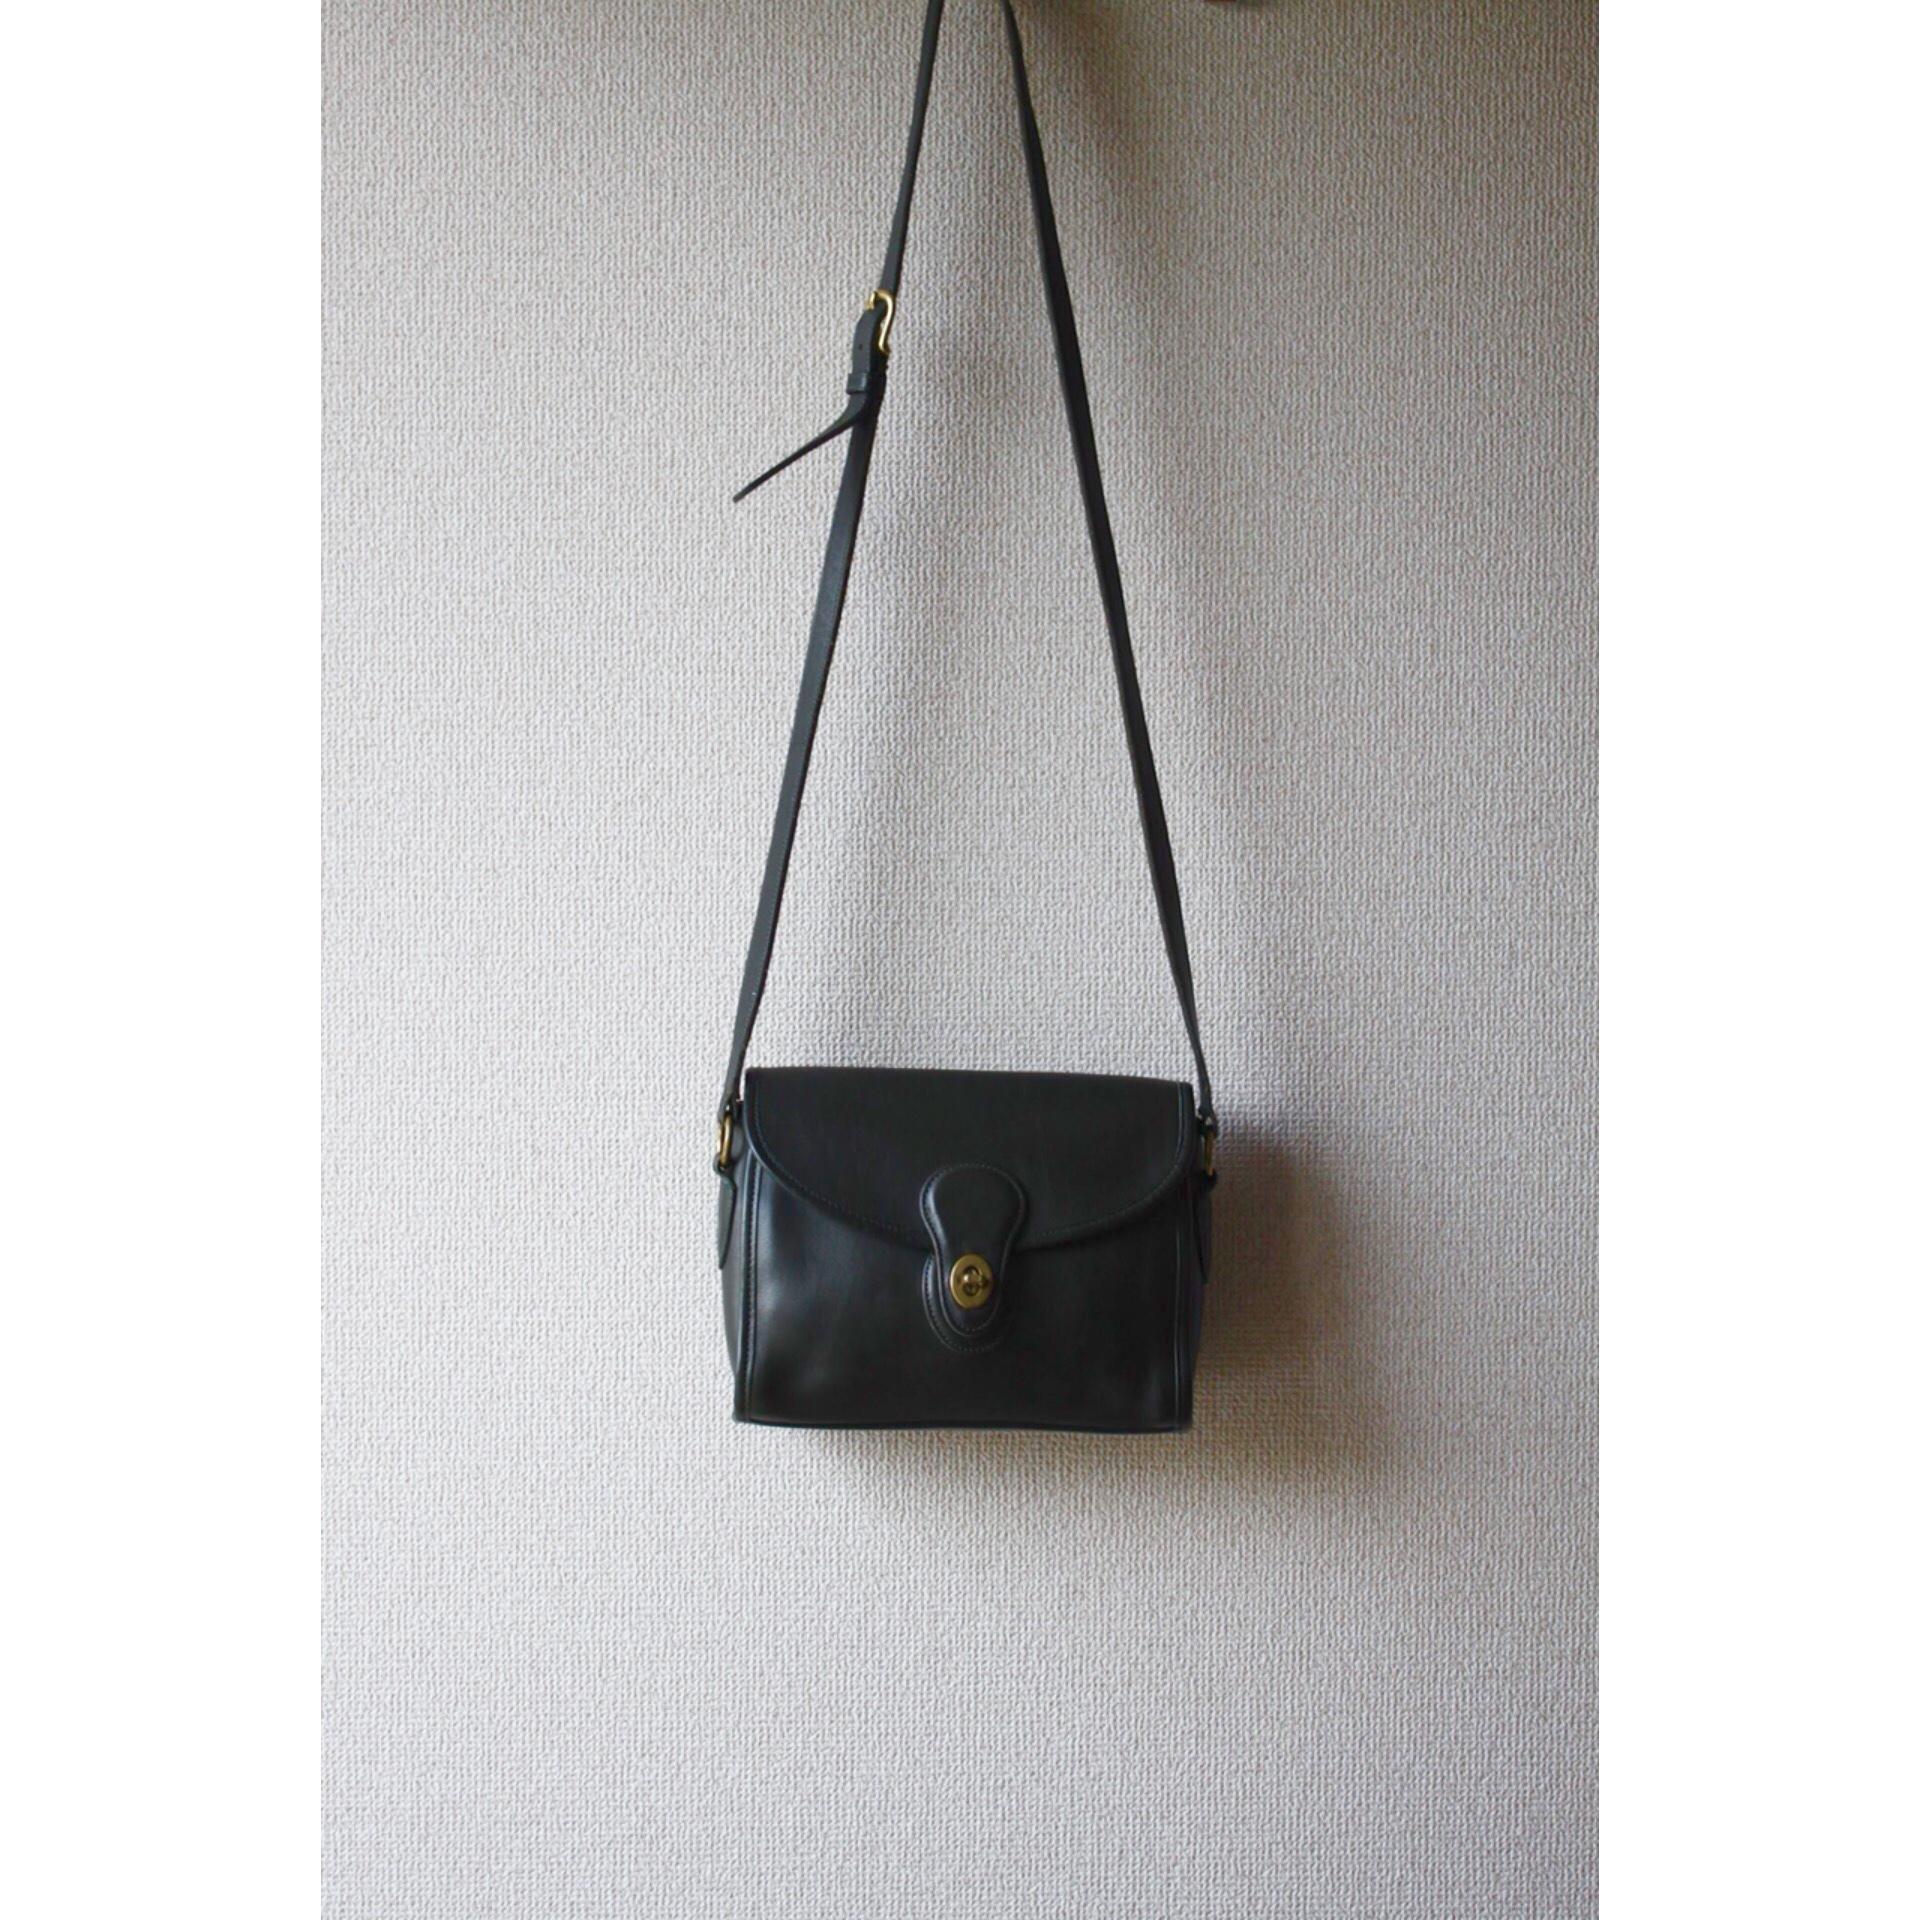 Old coach lether bag